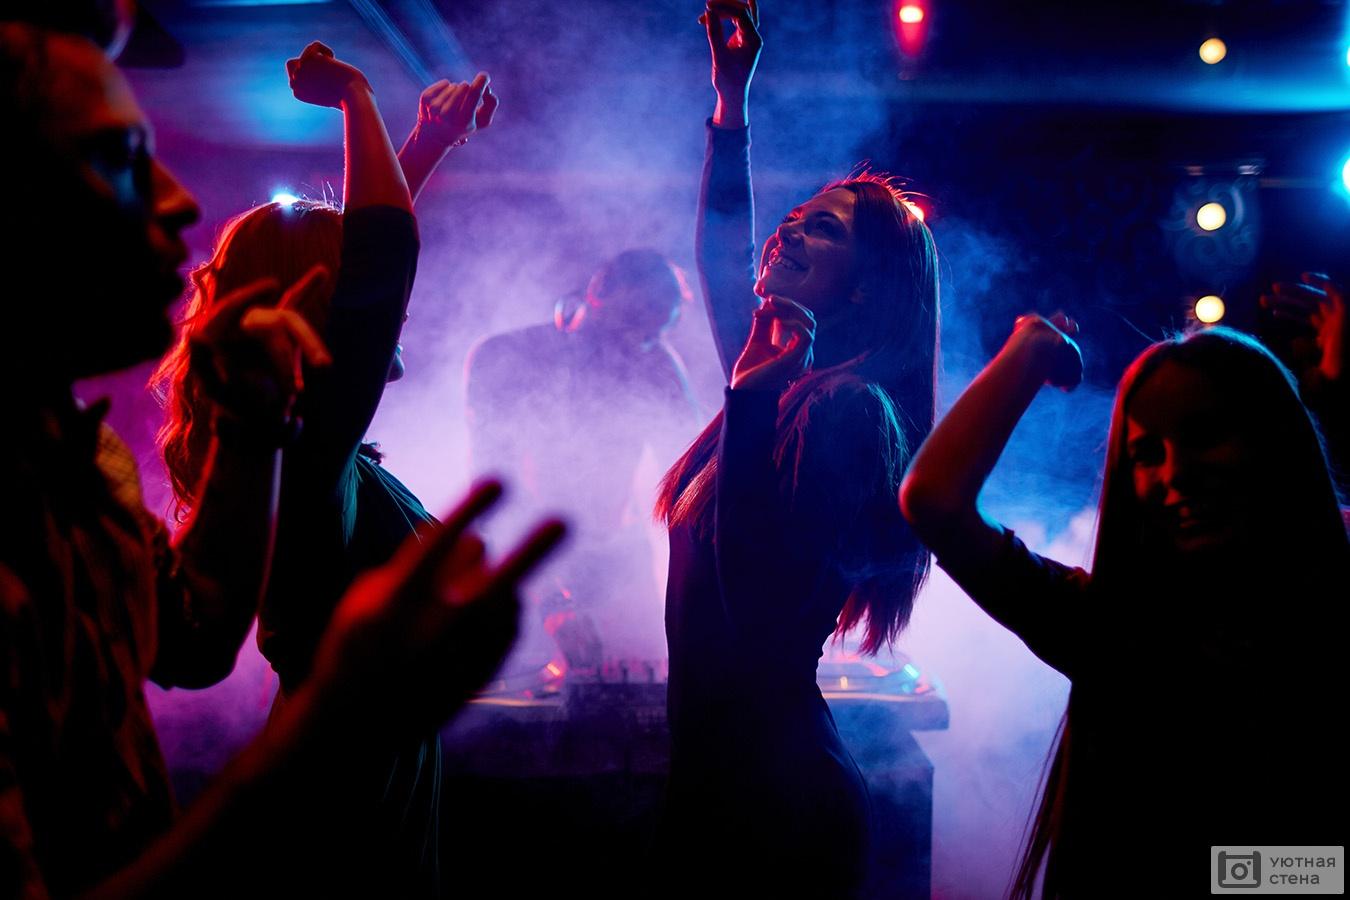 Как танцуют в ночных клубах девушки клуб mccoy москва